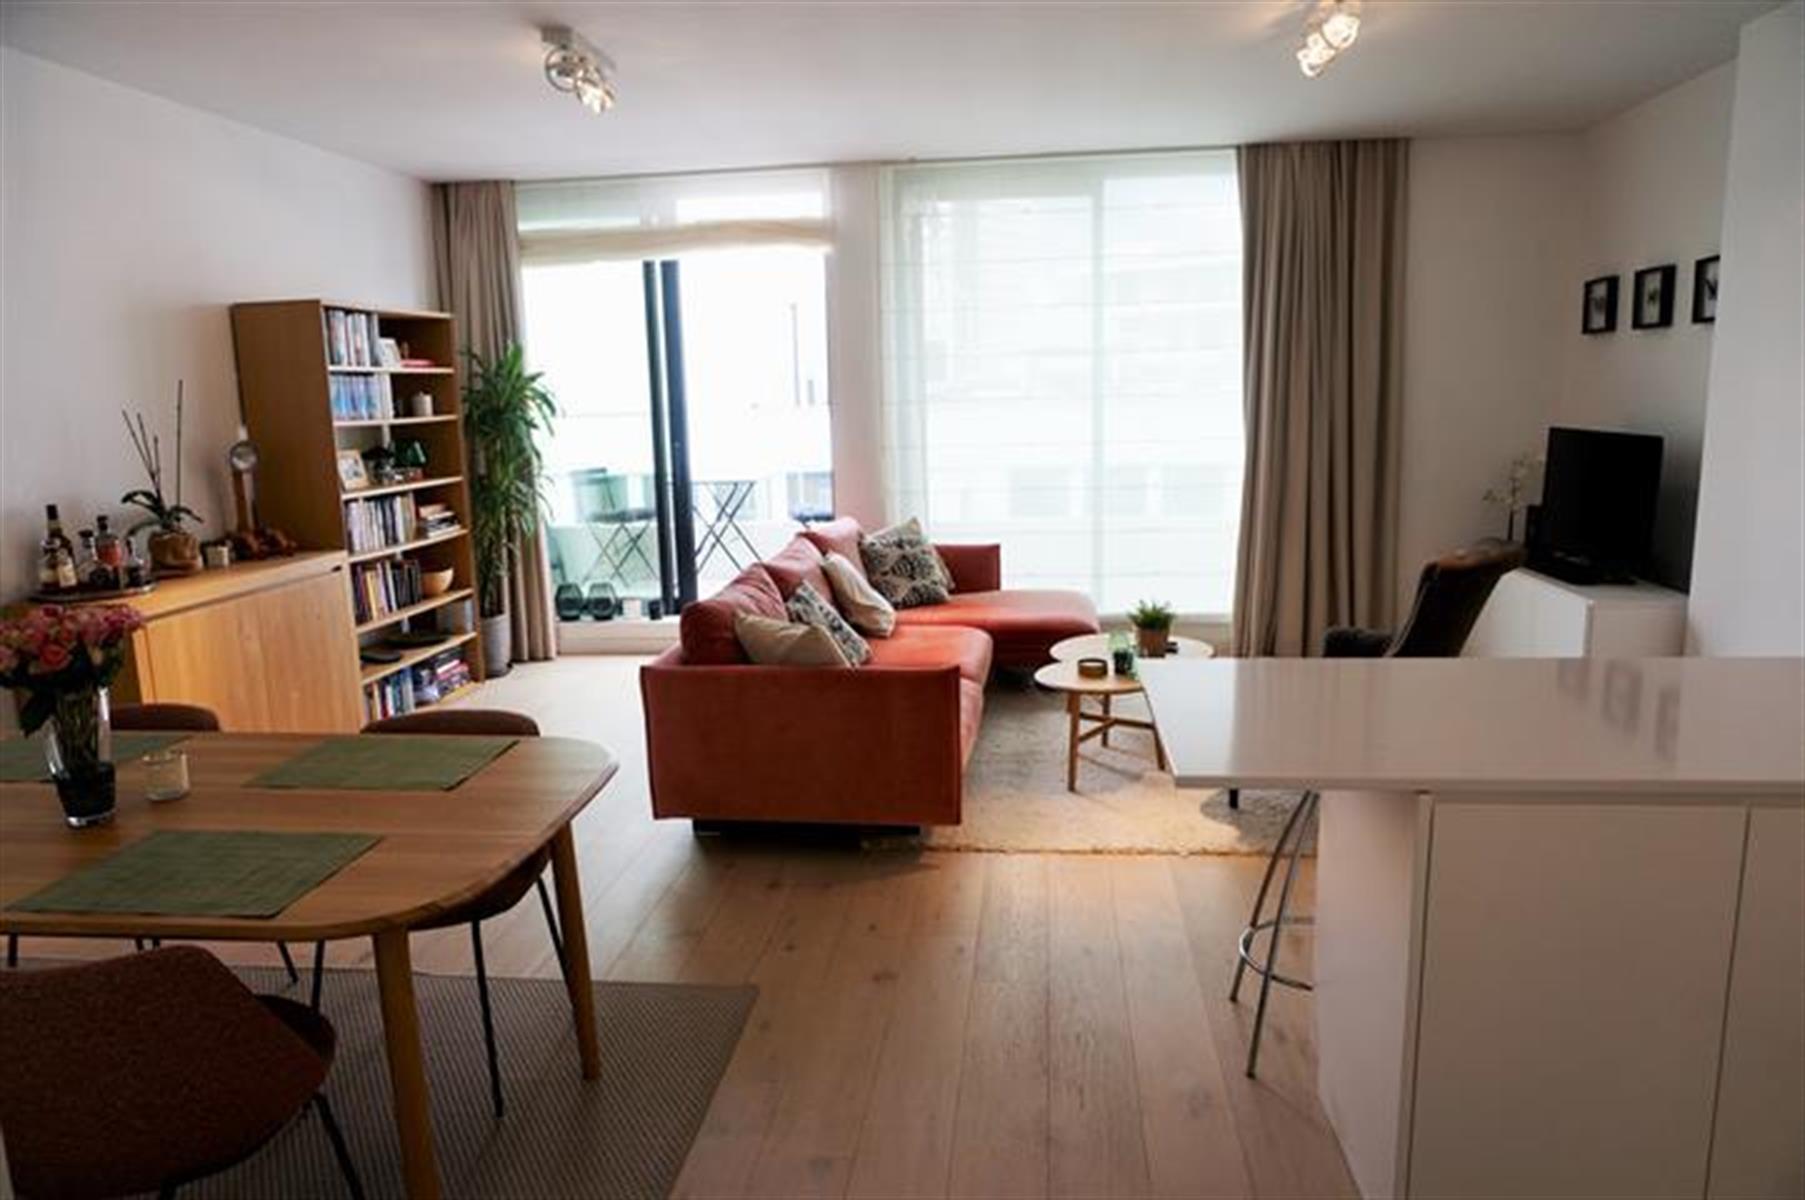 Flat - Ixelles - #4499294-1